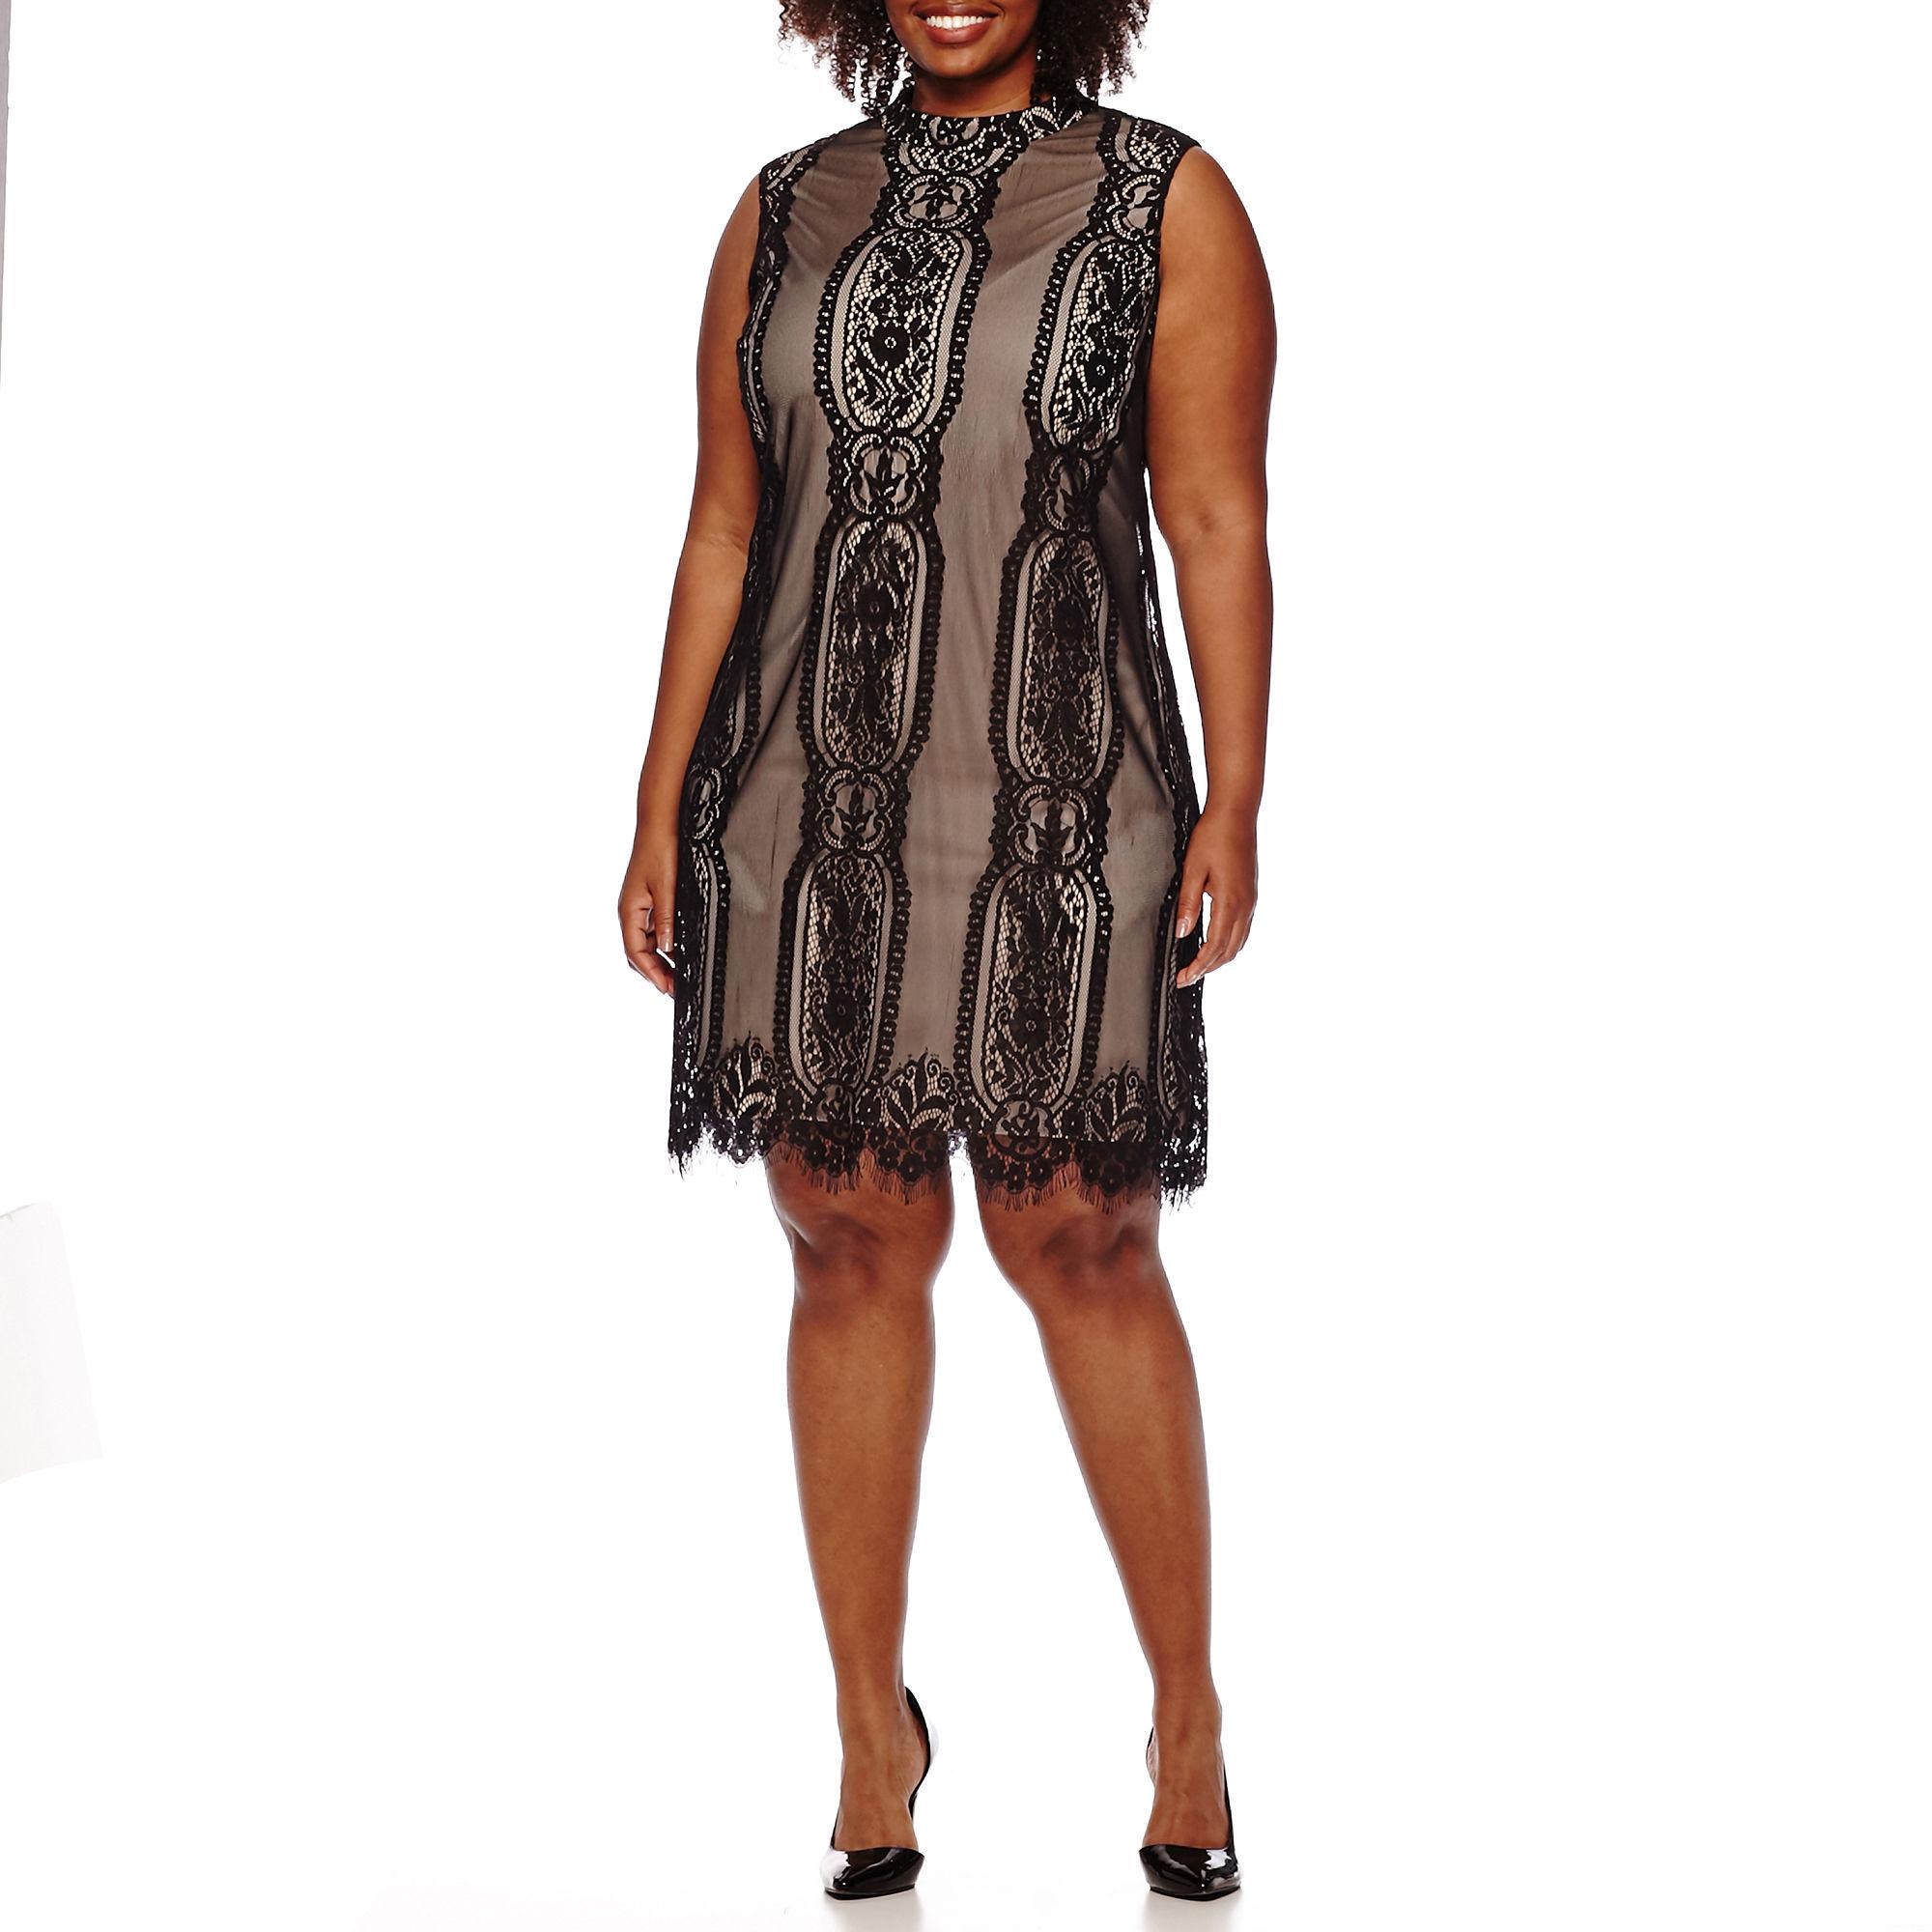 Luxology Sleeveless Lace Mesh Sheath Dress - Plus